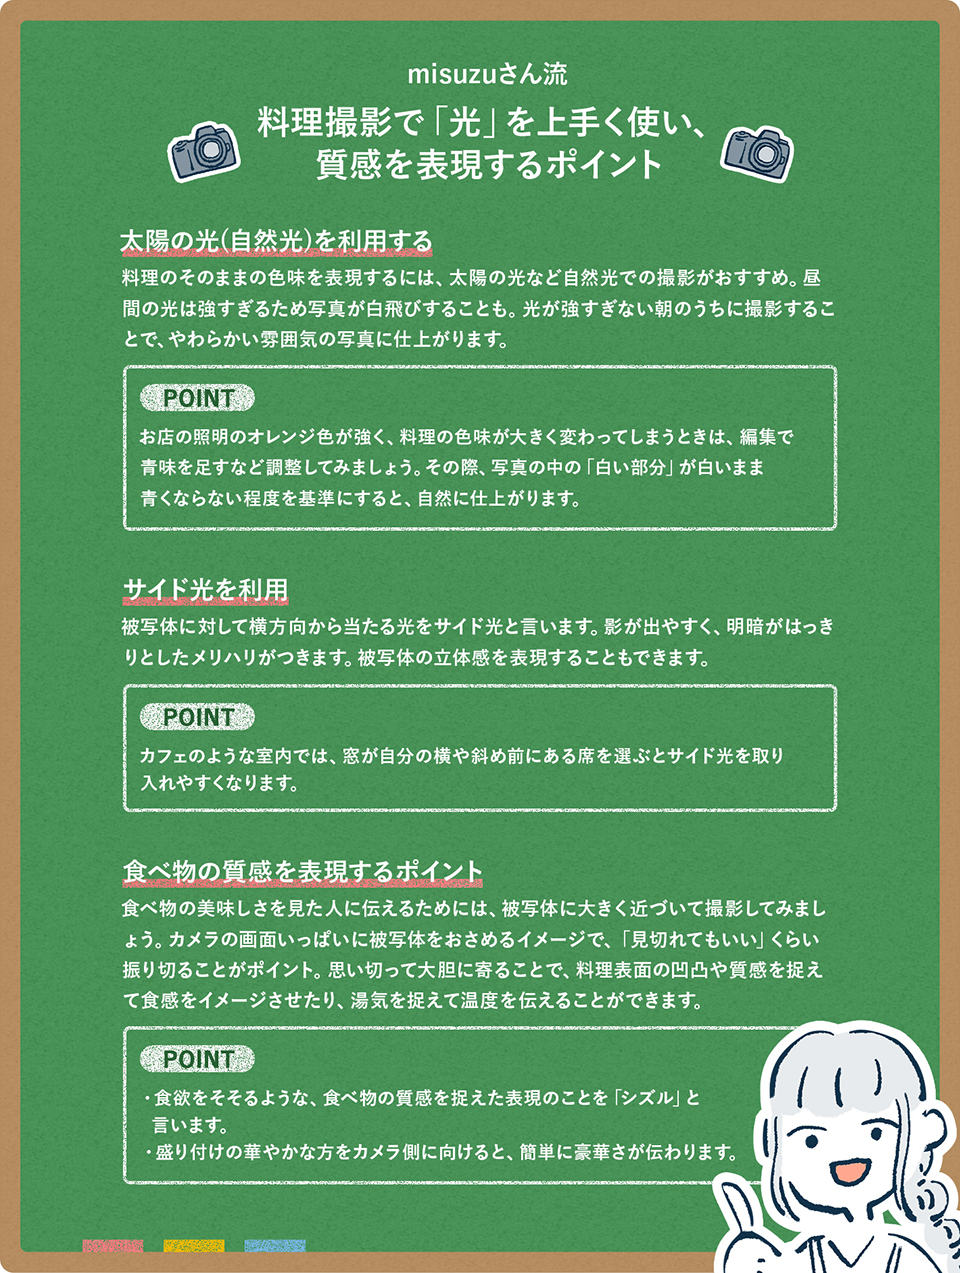 misuzuさん流、料理撮影で「光」を上手く使い、質感を表現するポイント